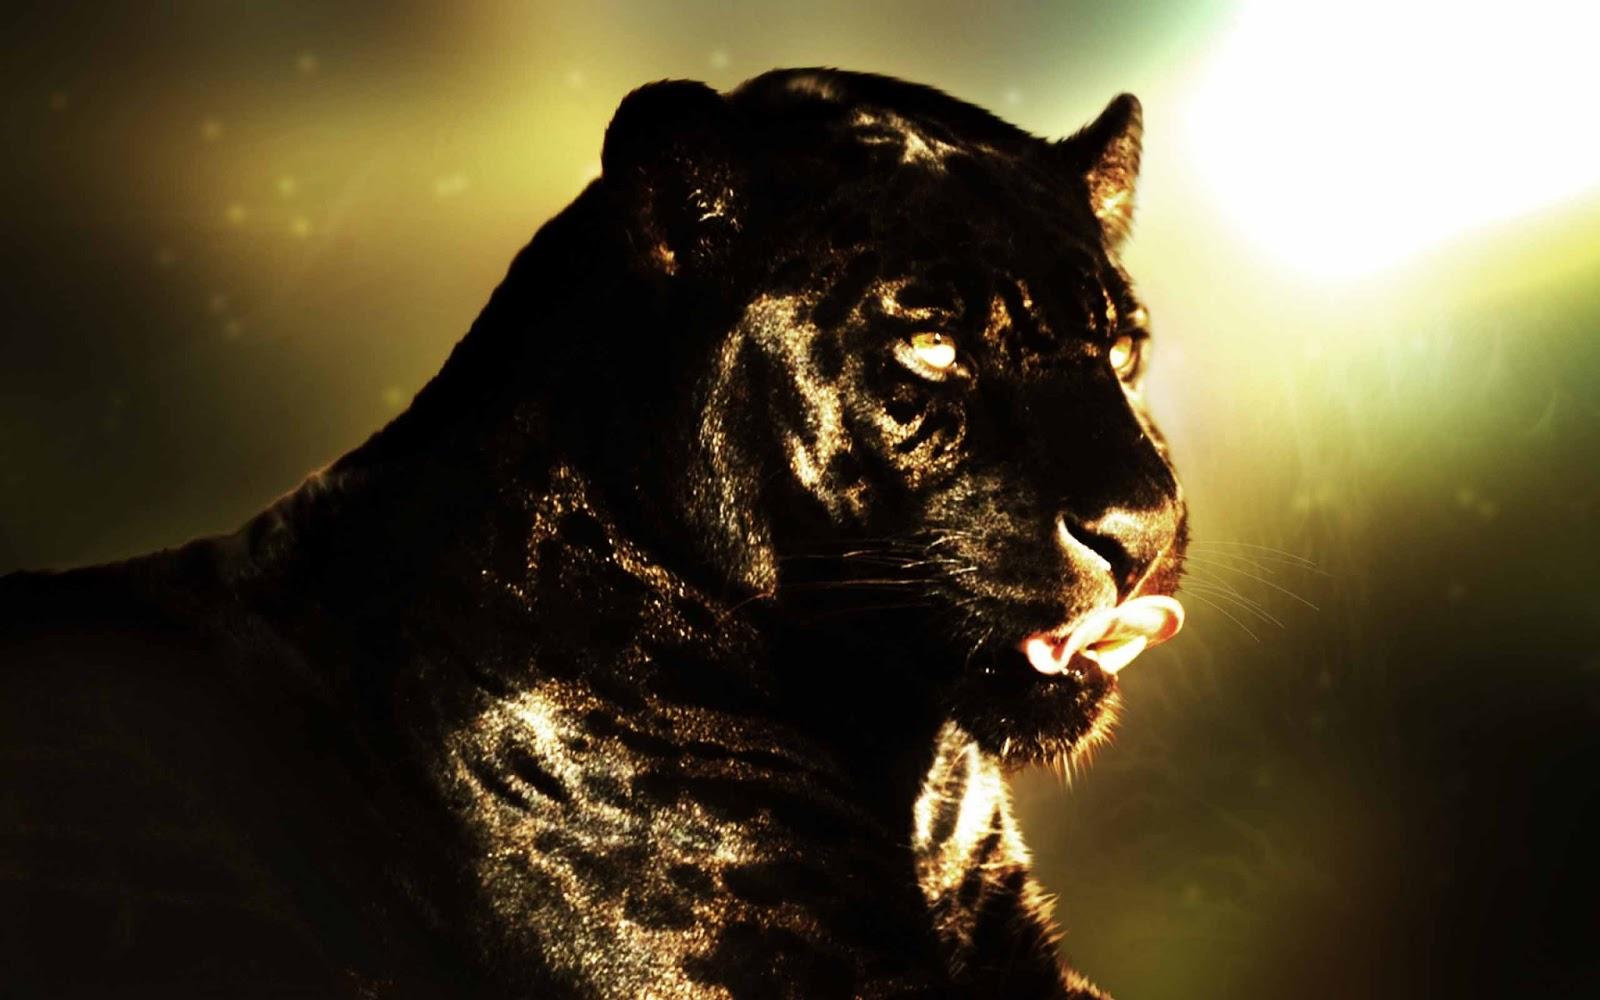 Black Panther HD Wallpapers C a r W a l l p a p e r 2014 1600x1000